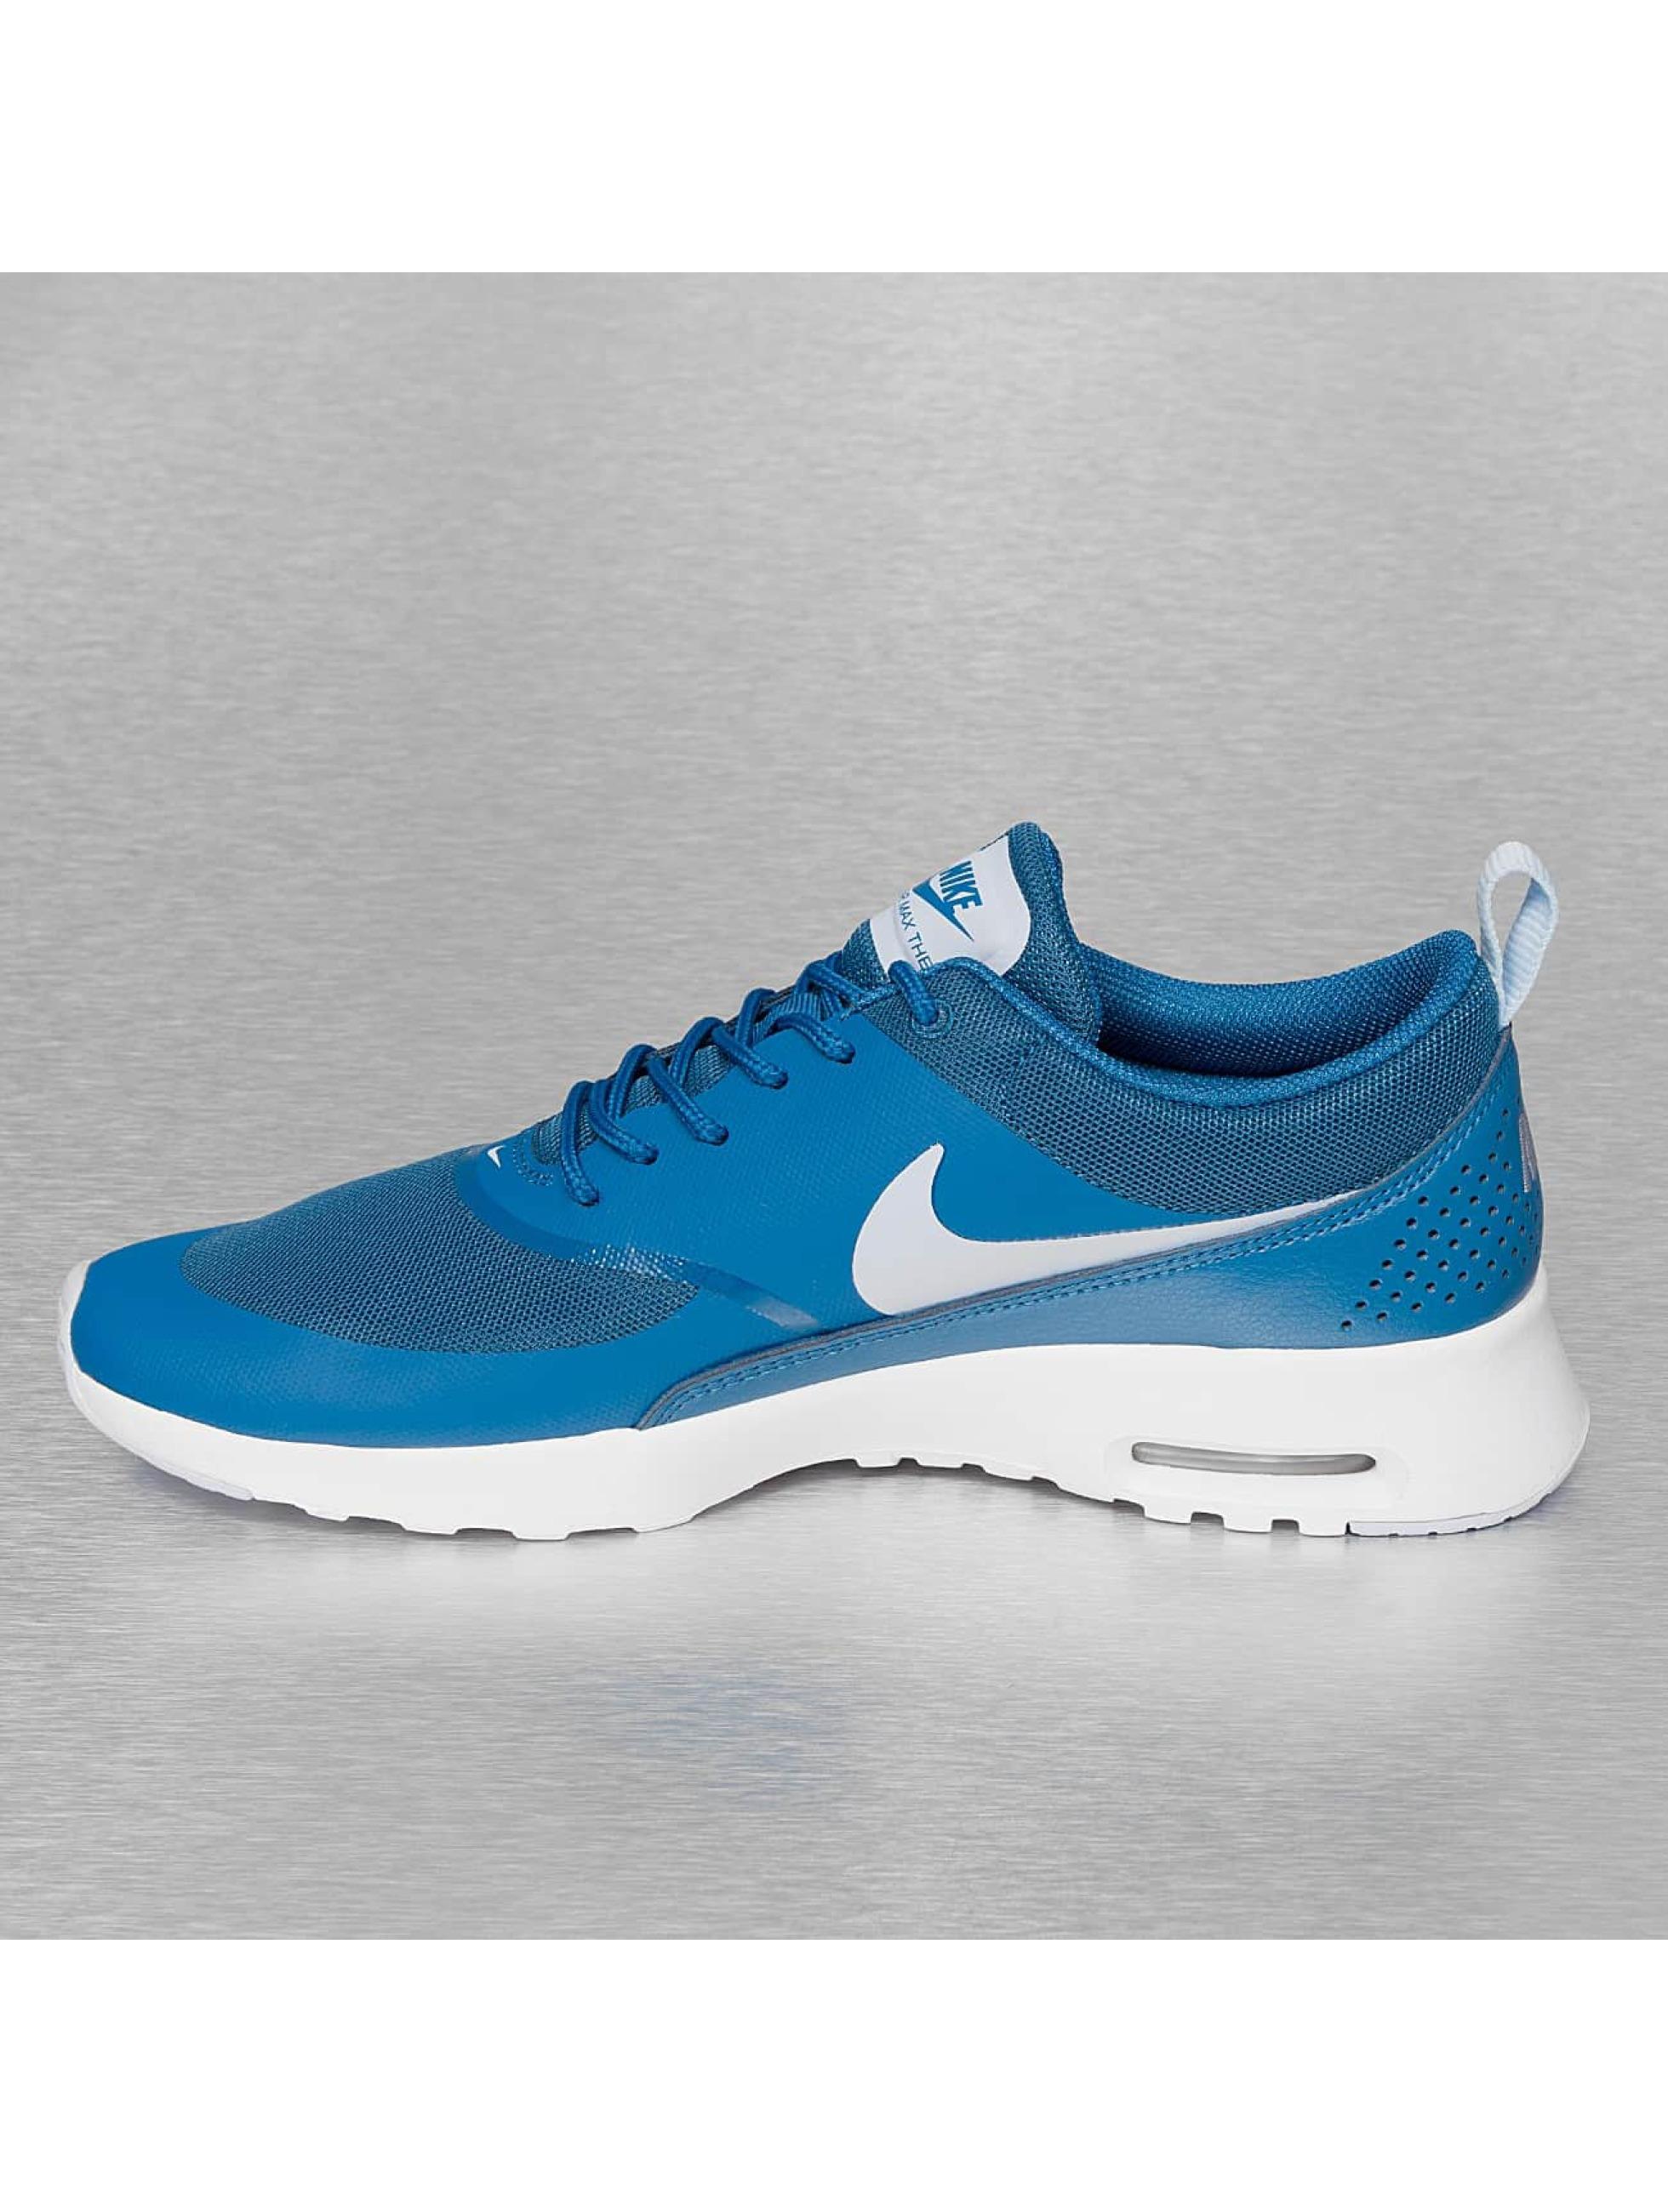 Nike Air Max Thea Bleu